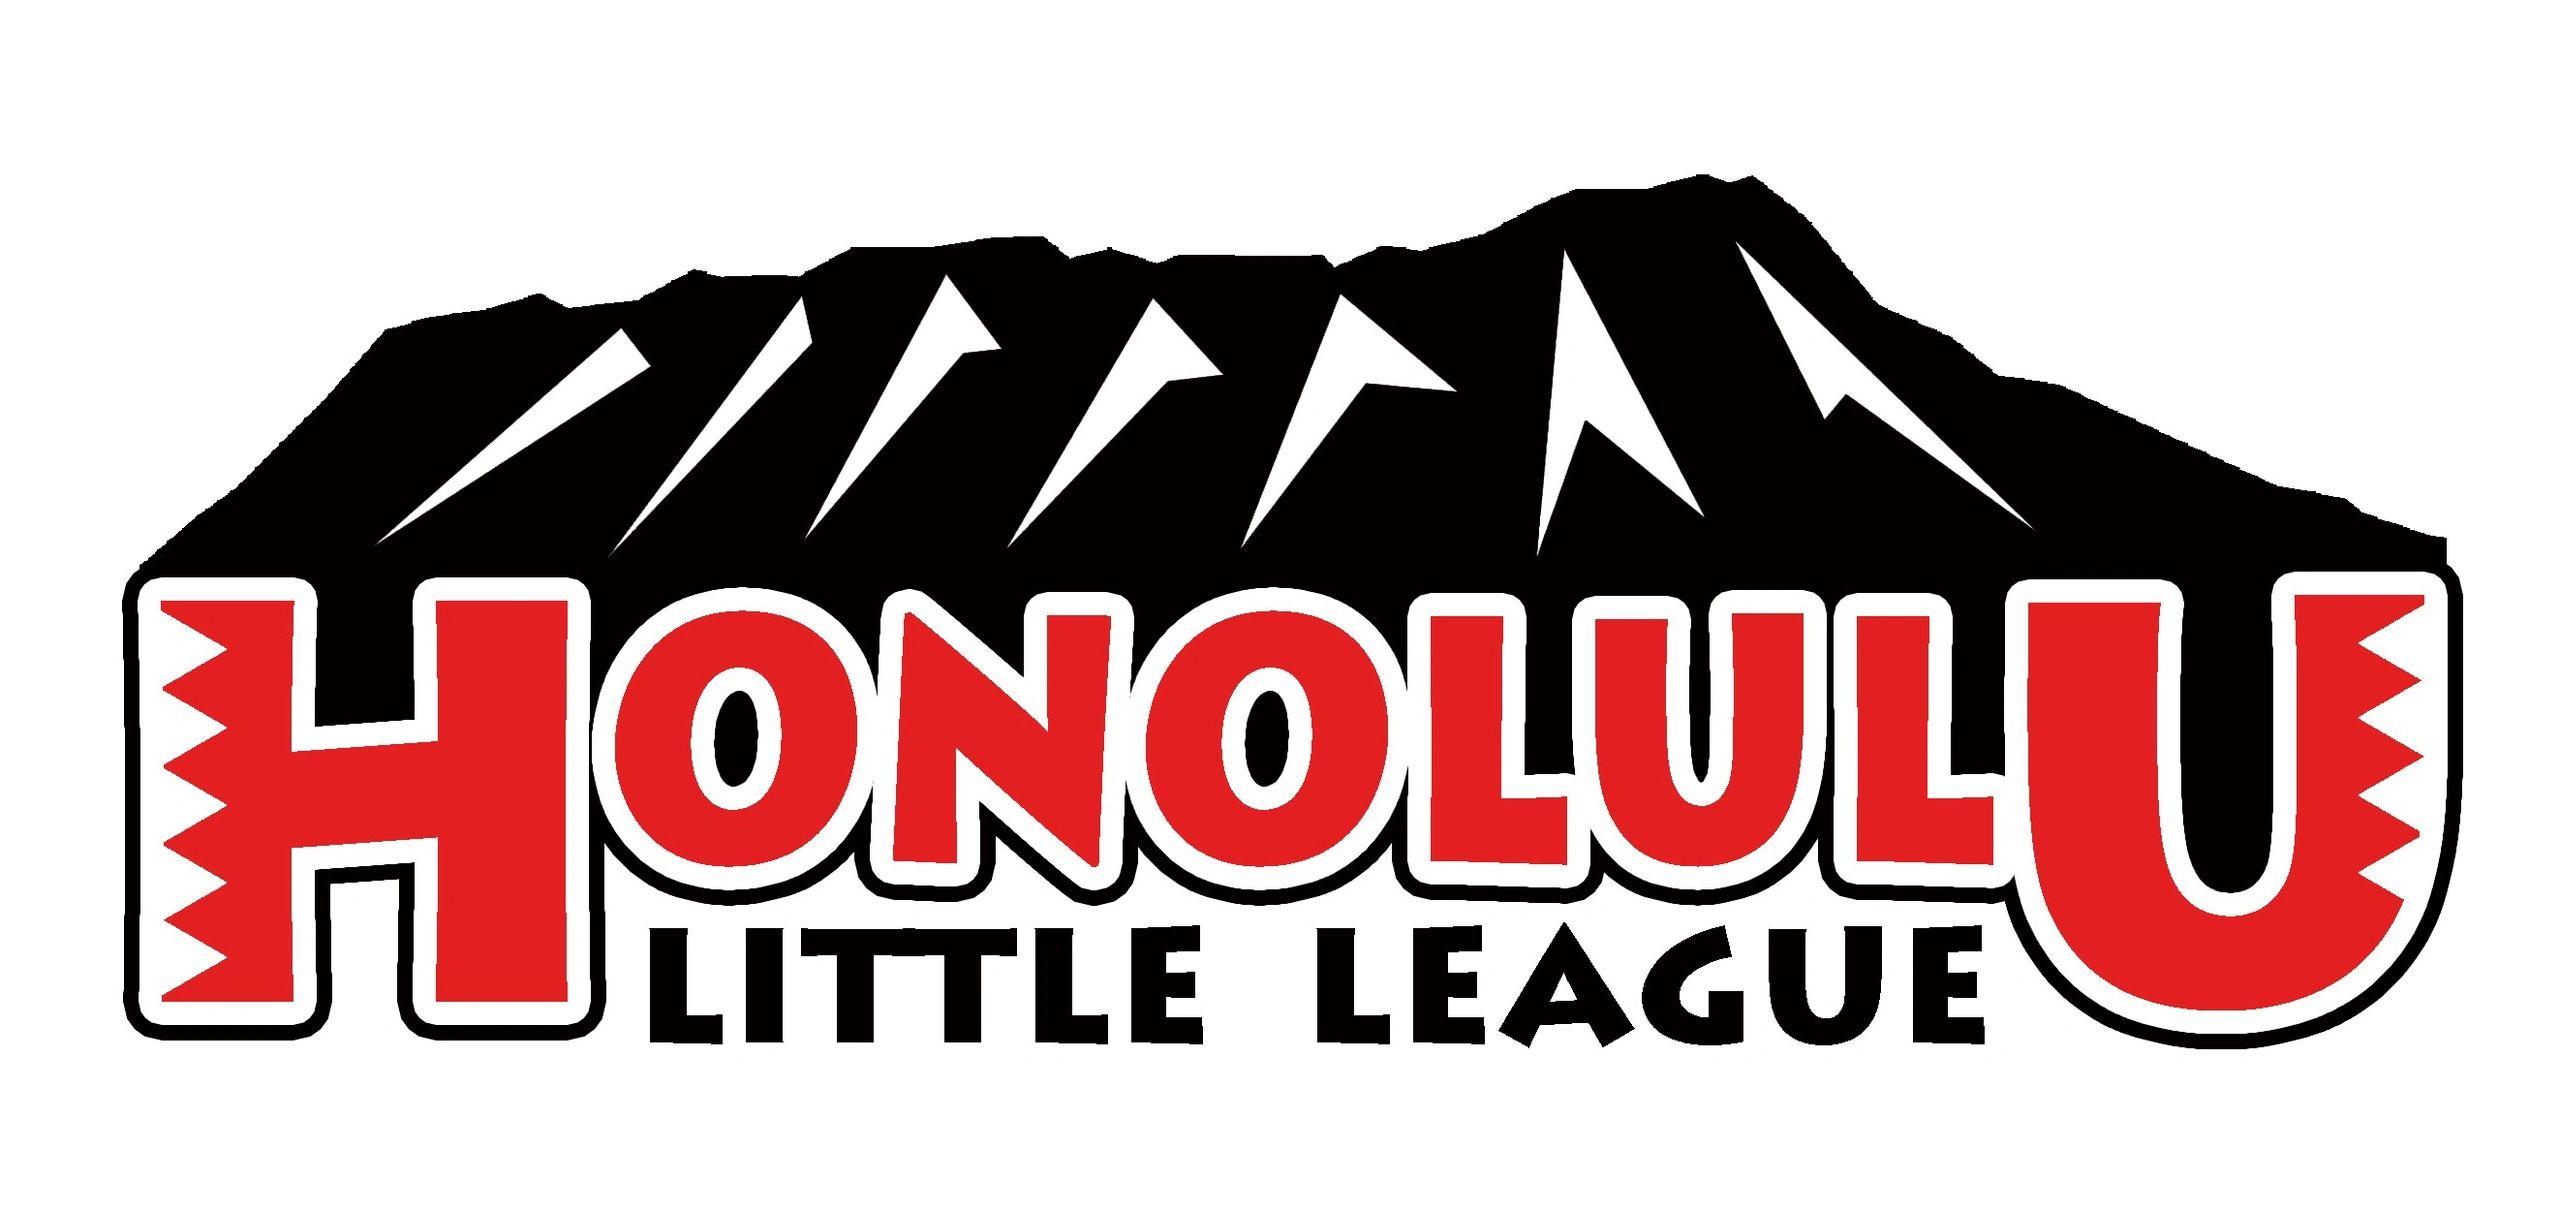 About us | HONOLULU LITTLE LEAGUE